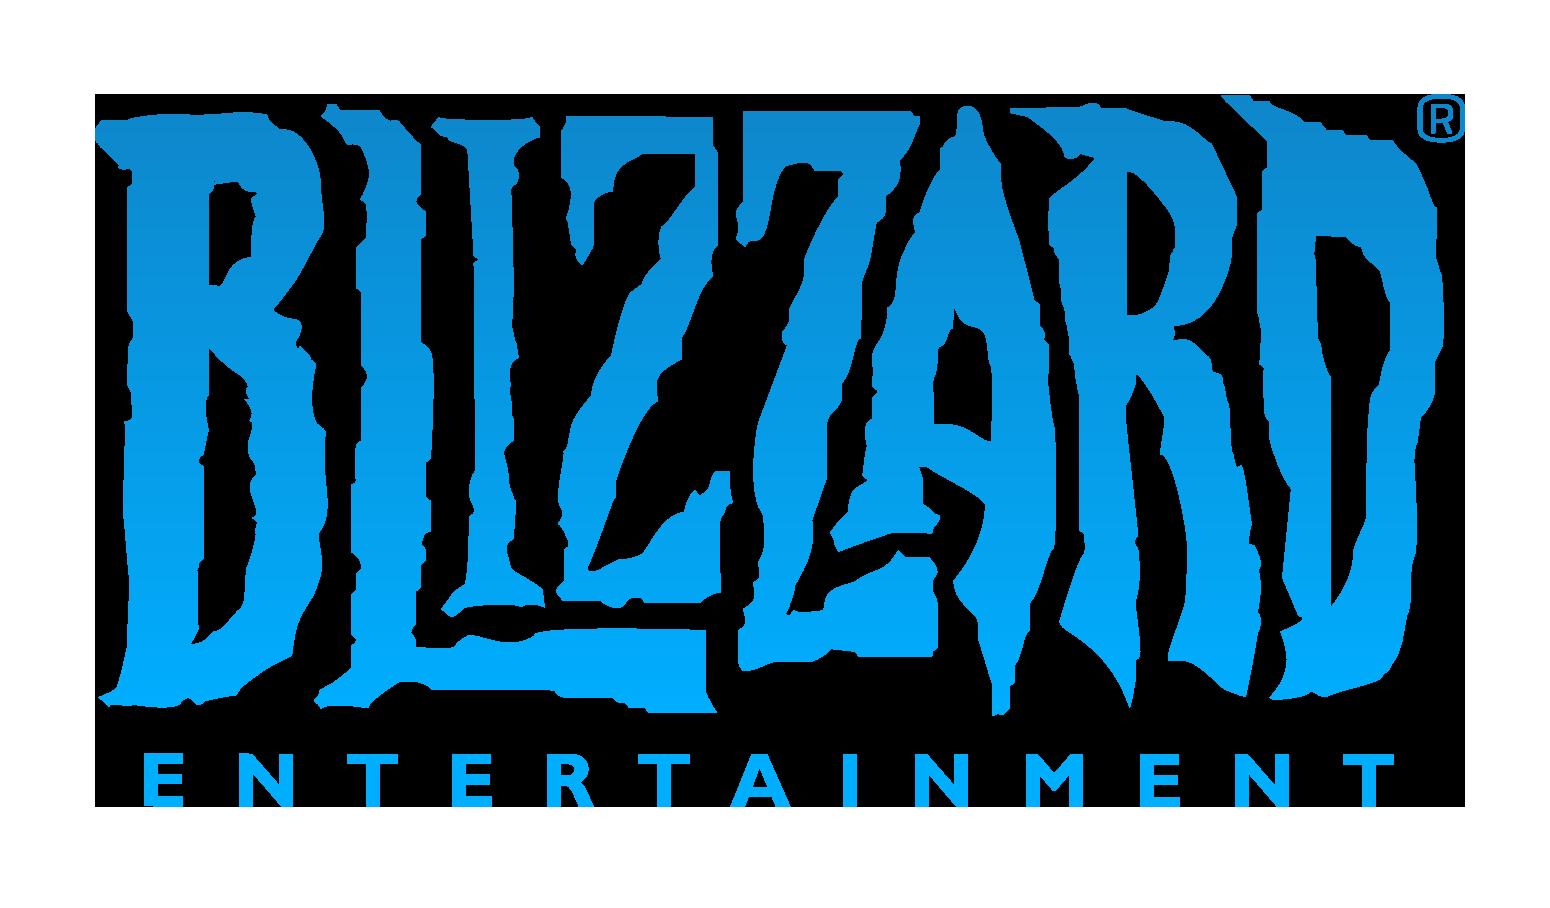 news.blizzard.com